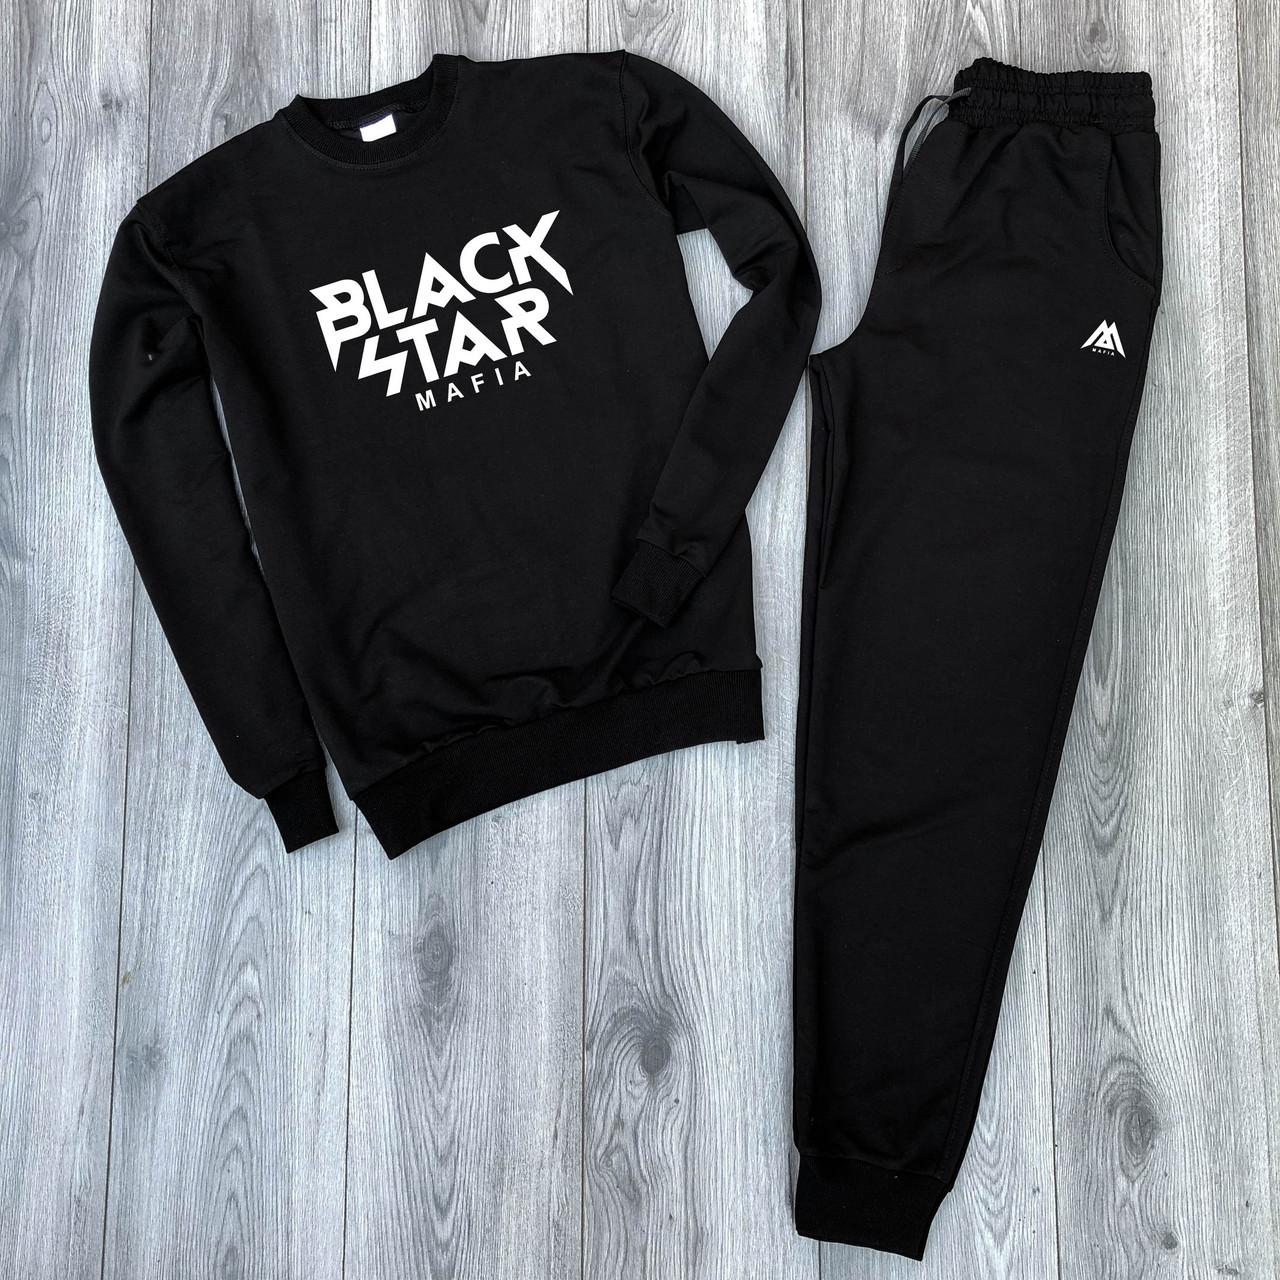 """Чоловічий спортивний костюм чорна кофта з принтом """"BLACK STAR"""" і чорні штани з принтом """"BLACK STAR"""""""